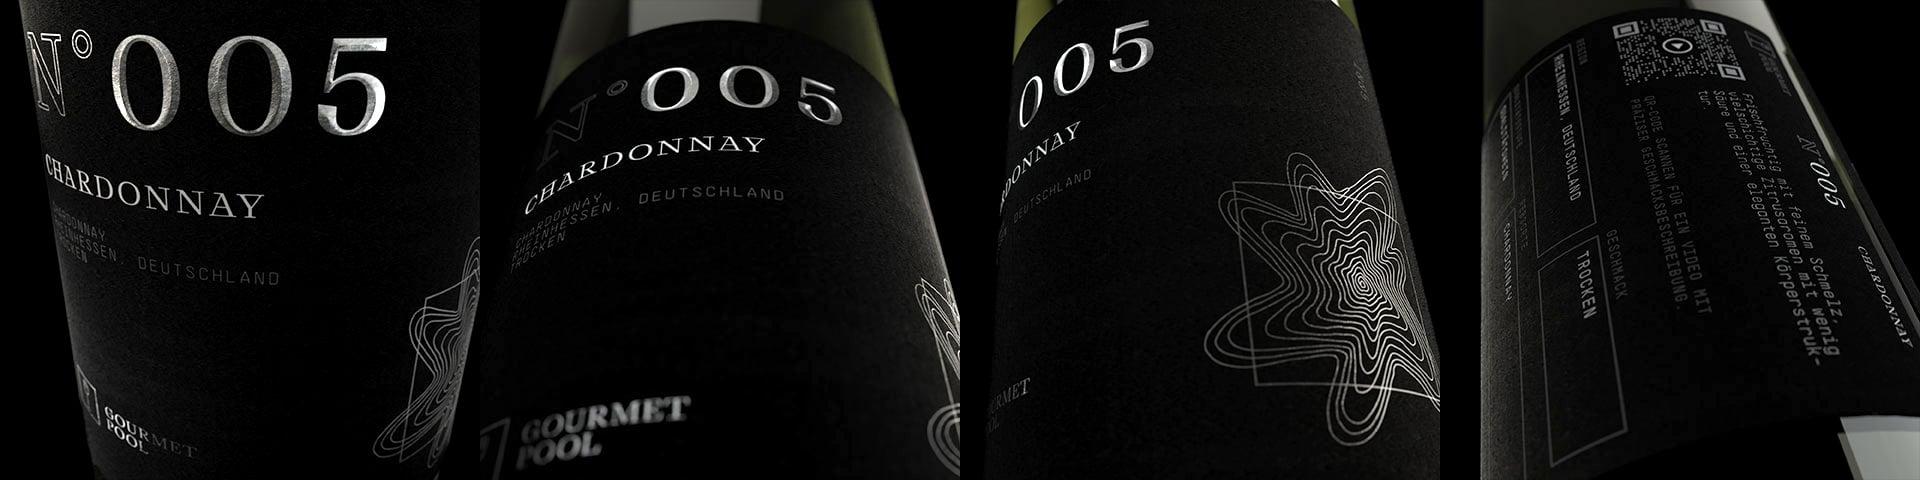 Weinflaschen Detailaufnahme N°005 Chardonnay